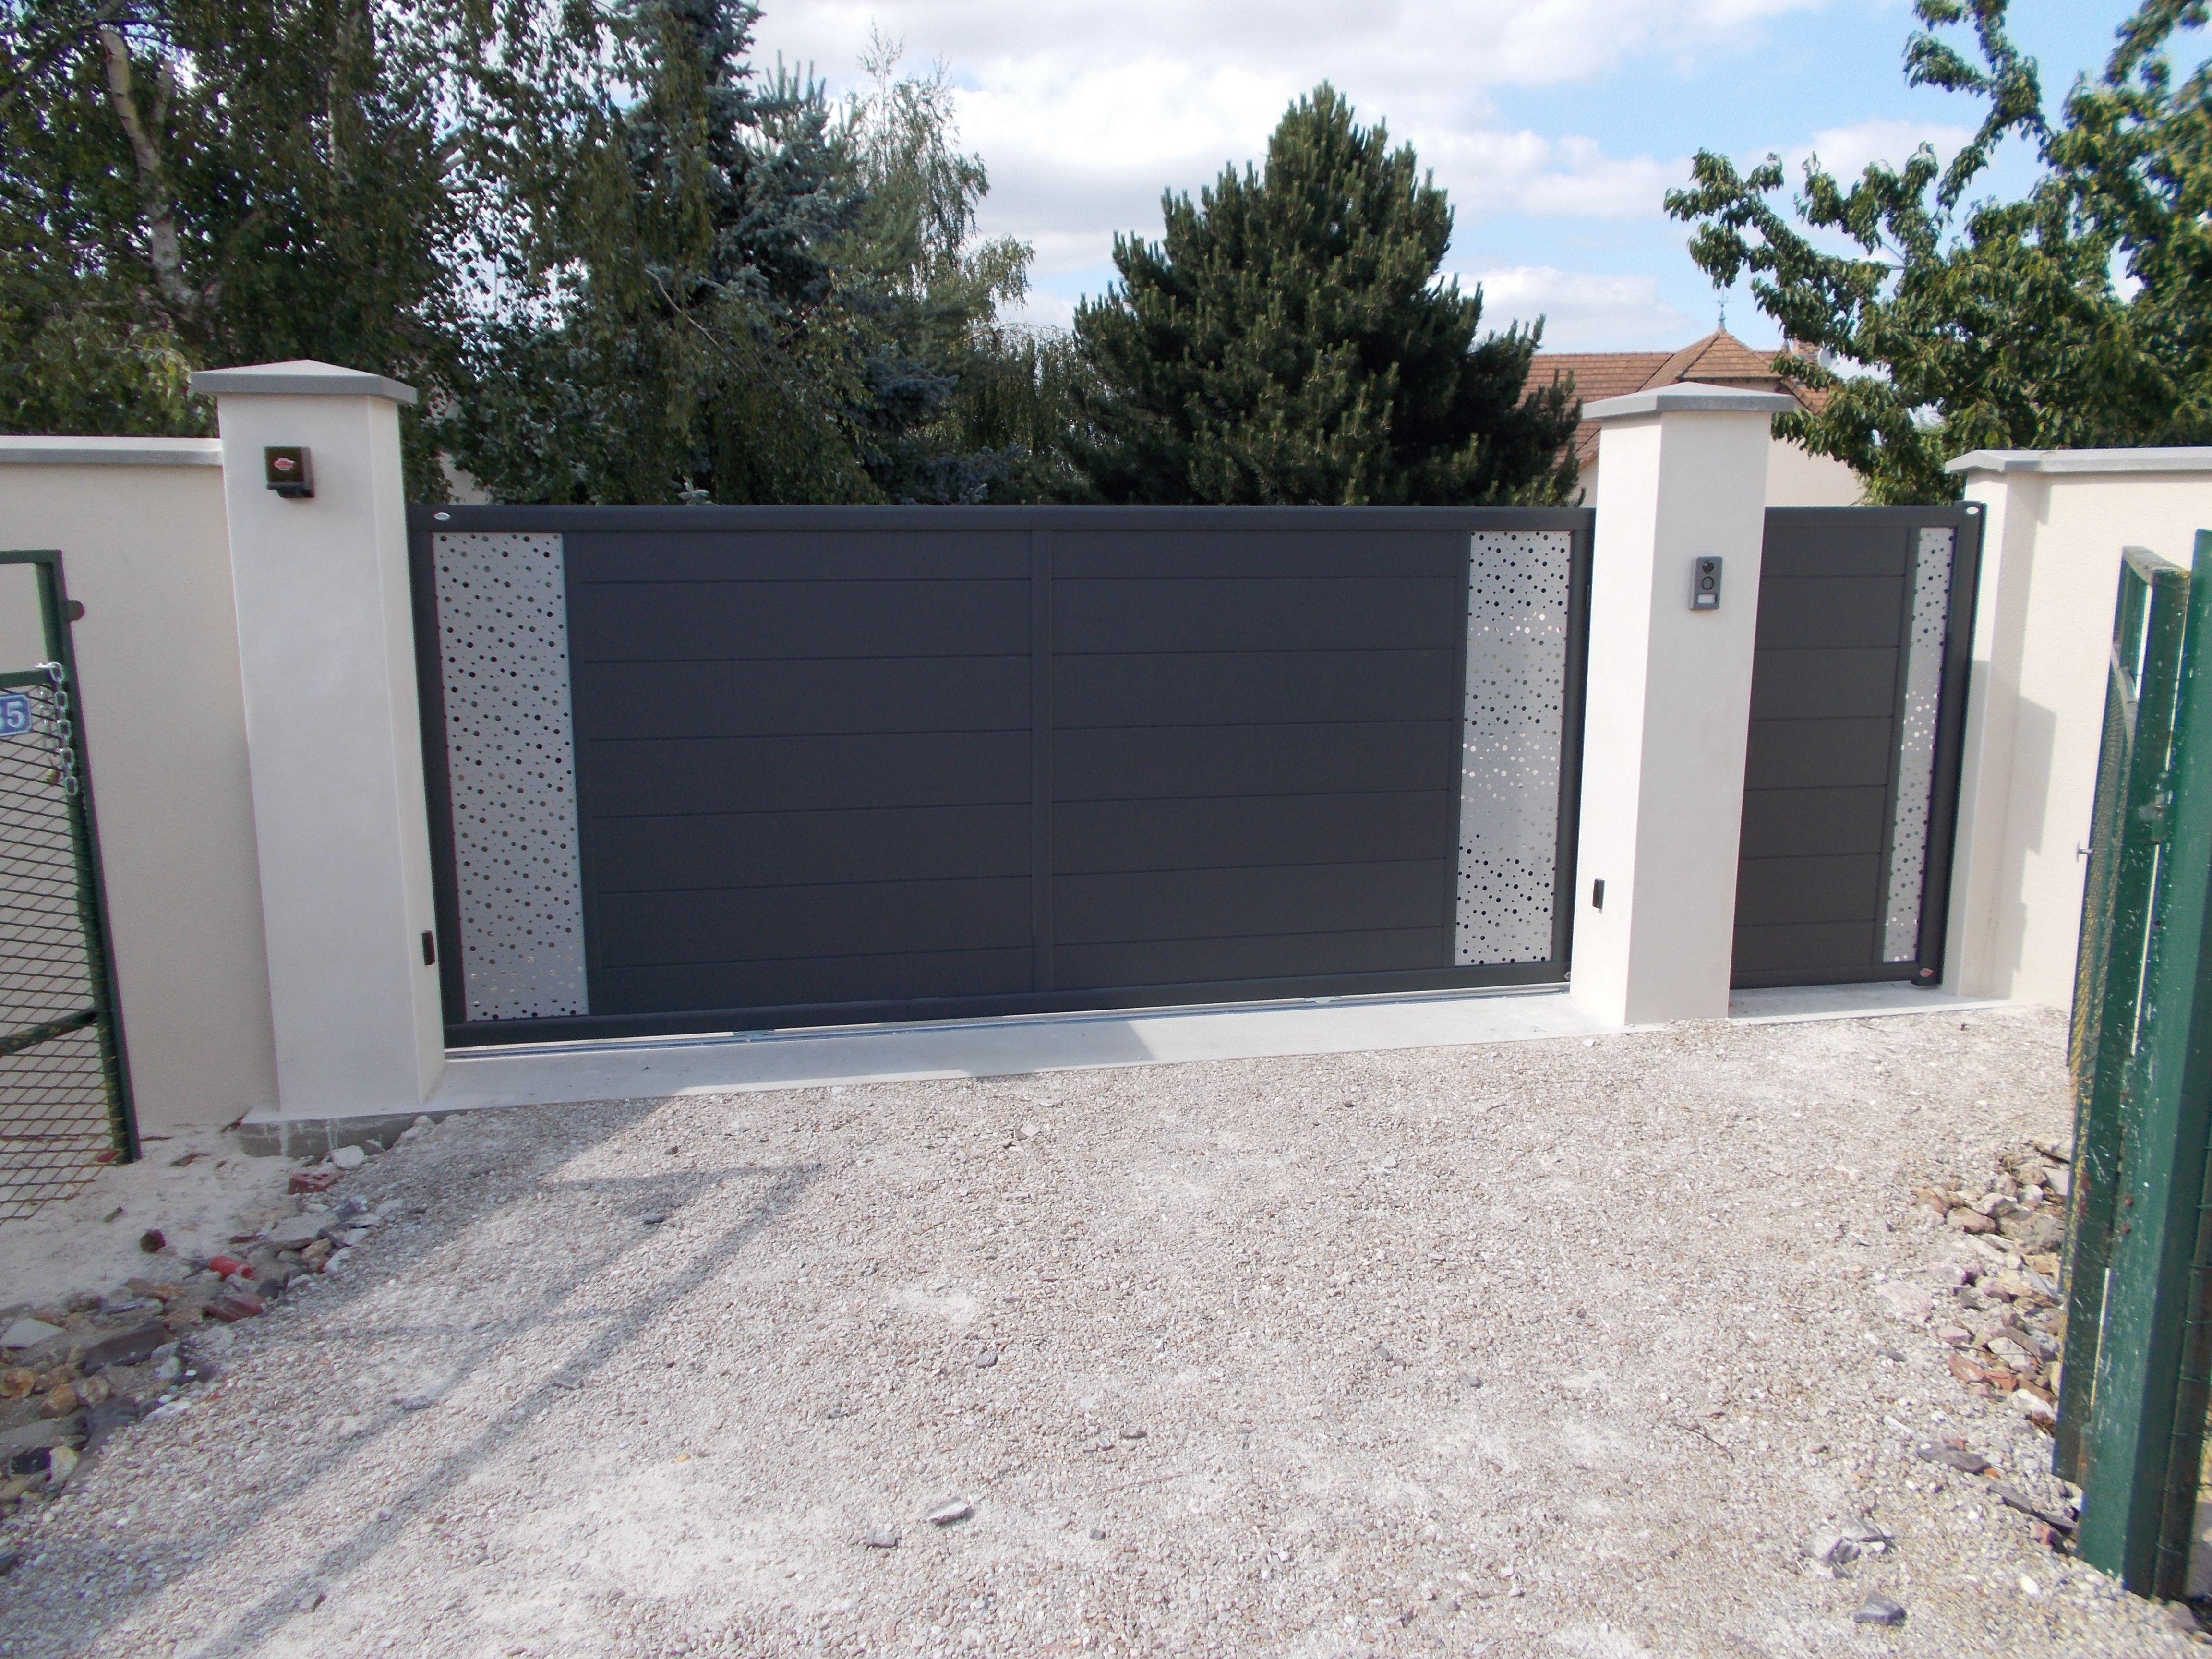 Bicoloration Reussie Sur Ce Portail Coulissant En Aluminium Portail Coulissant Portail Portail Ajoure